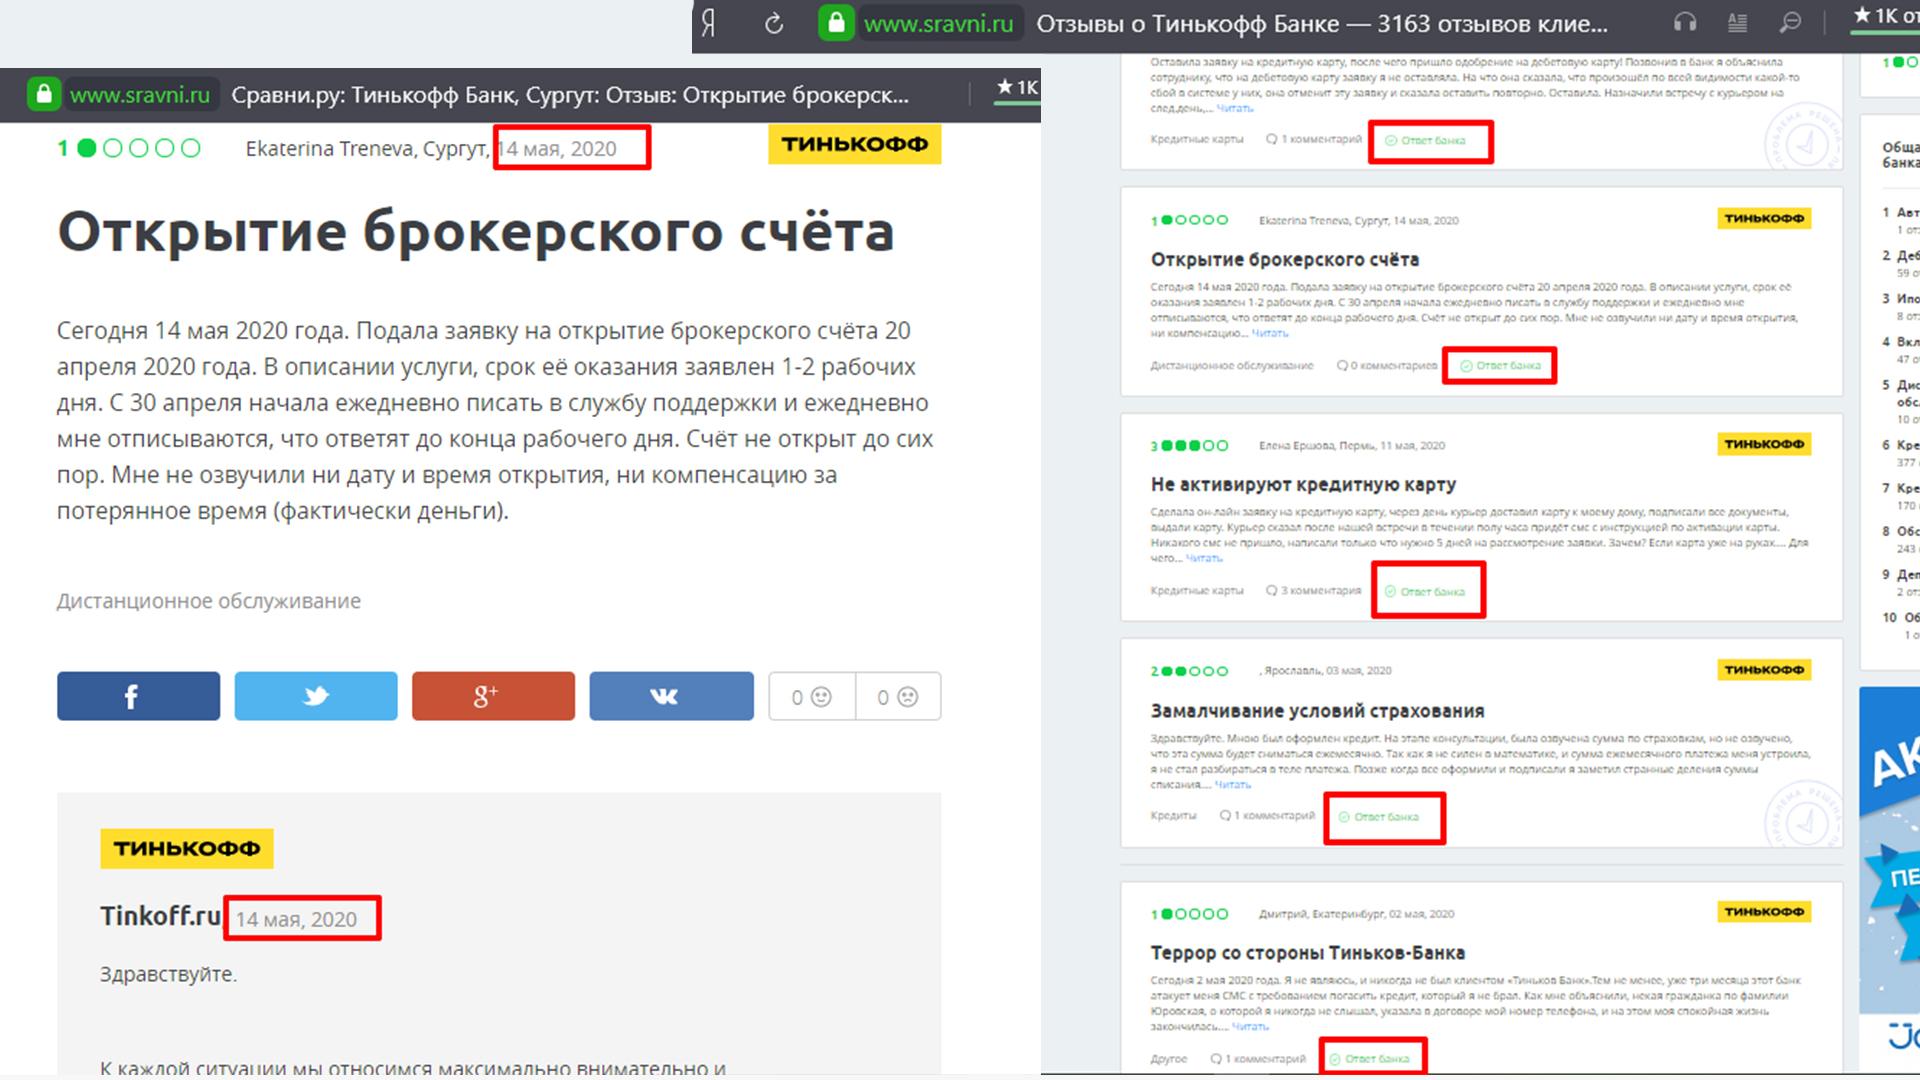 Ответы банка Тинькофф на запросы клиентов в сервисе Сравни.ру.